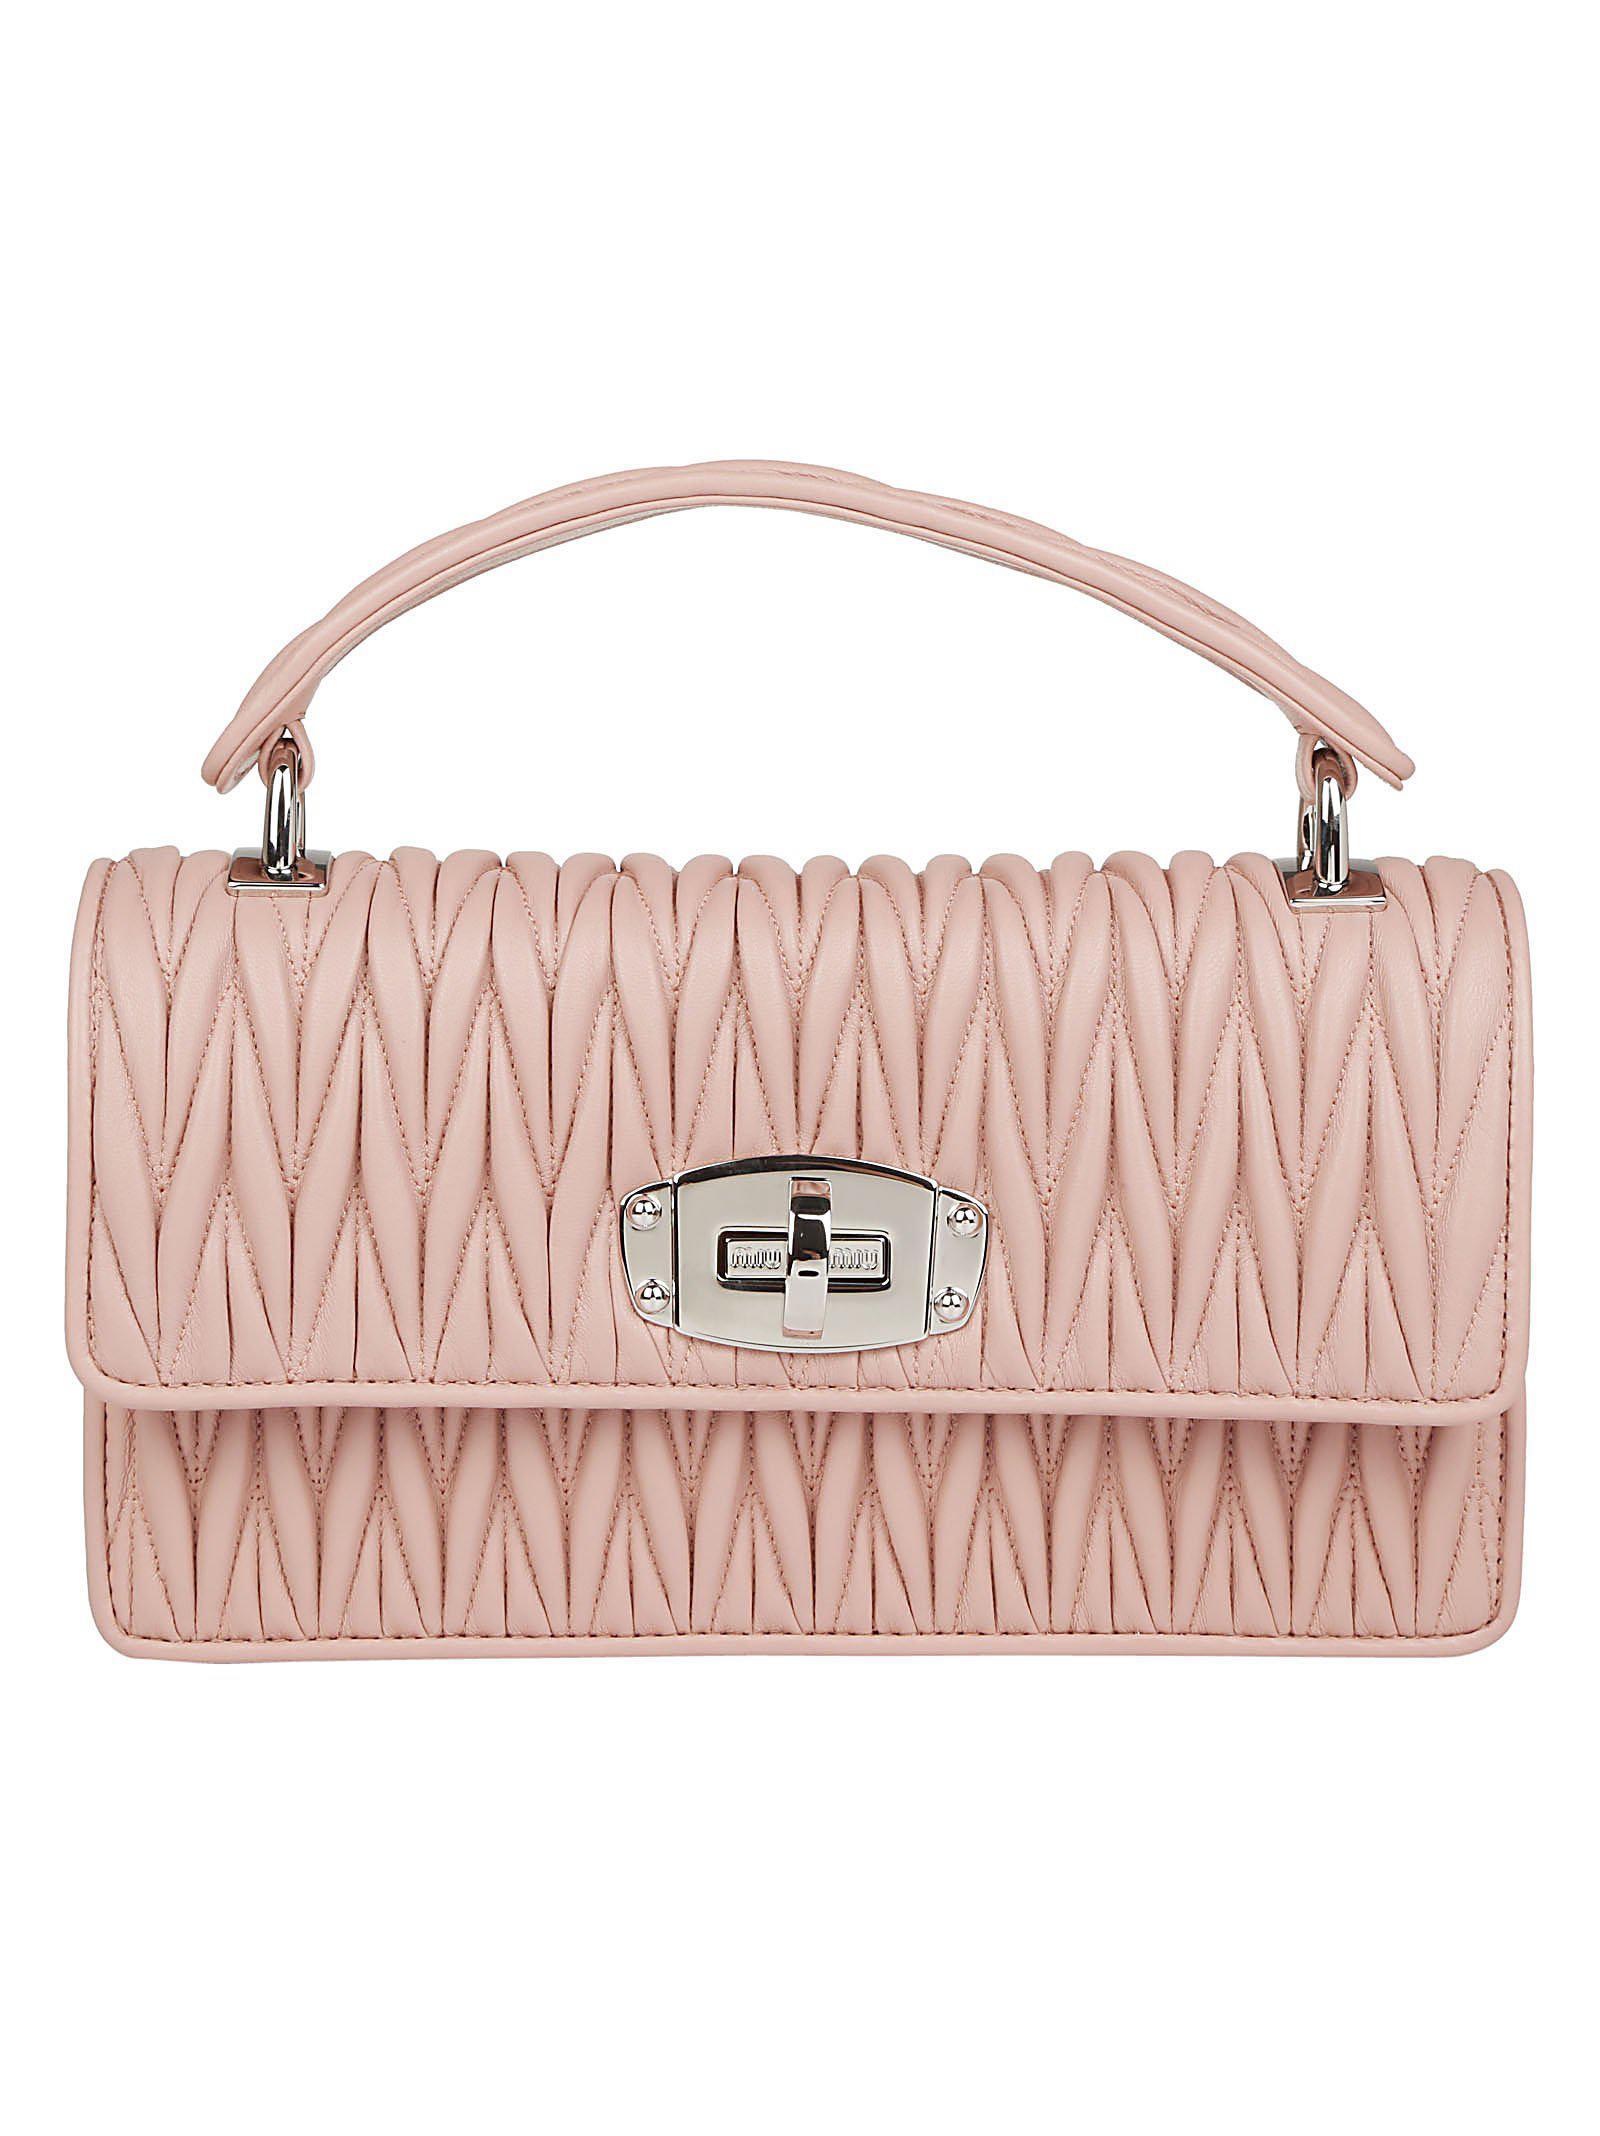 00683e3b73c0 Lyst - Miu Miu Cleo Matelassè Shoulder Bag in Pink